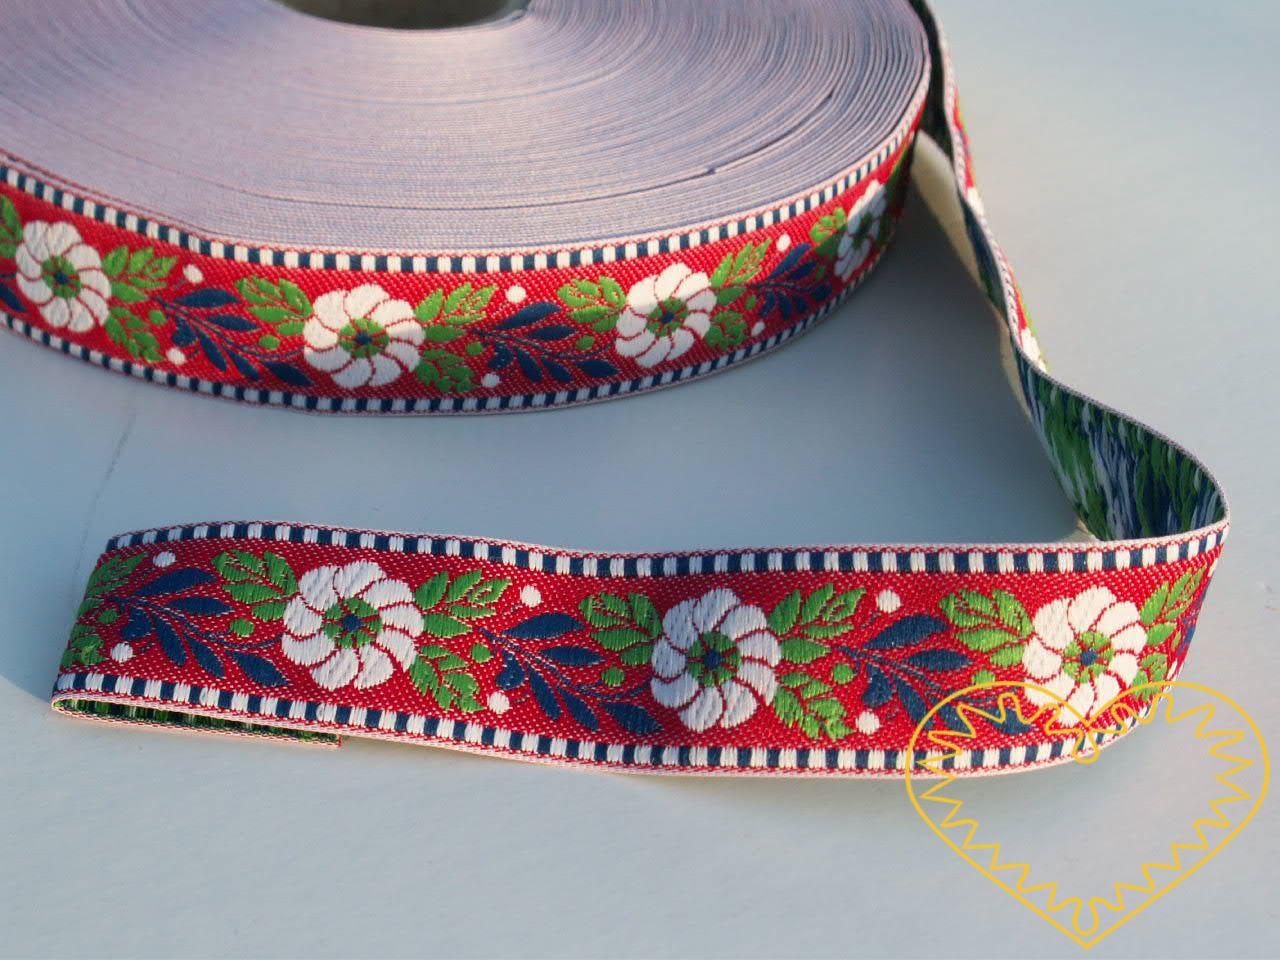 Červená krojová stuha se vzorem - vzorovka - šíře 2,5 cm. Textilní tkaná stuha s bílými květy a modrými a zelenými lístky se uplatní zvláště při výrobě krojů a předmětů tradiční lidové kultury. Vhodná též k lemování tkanin a šatů panenek a maňásků.